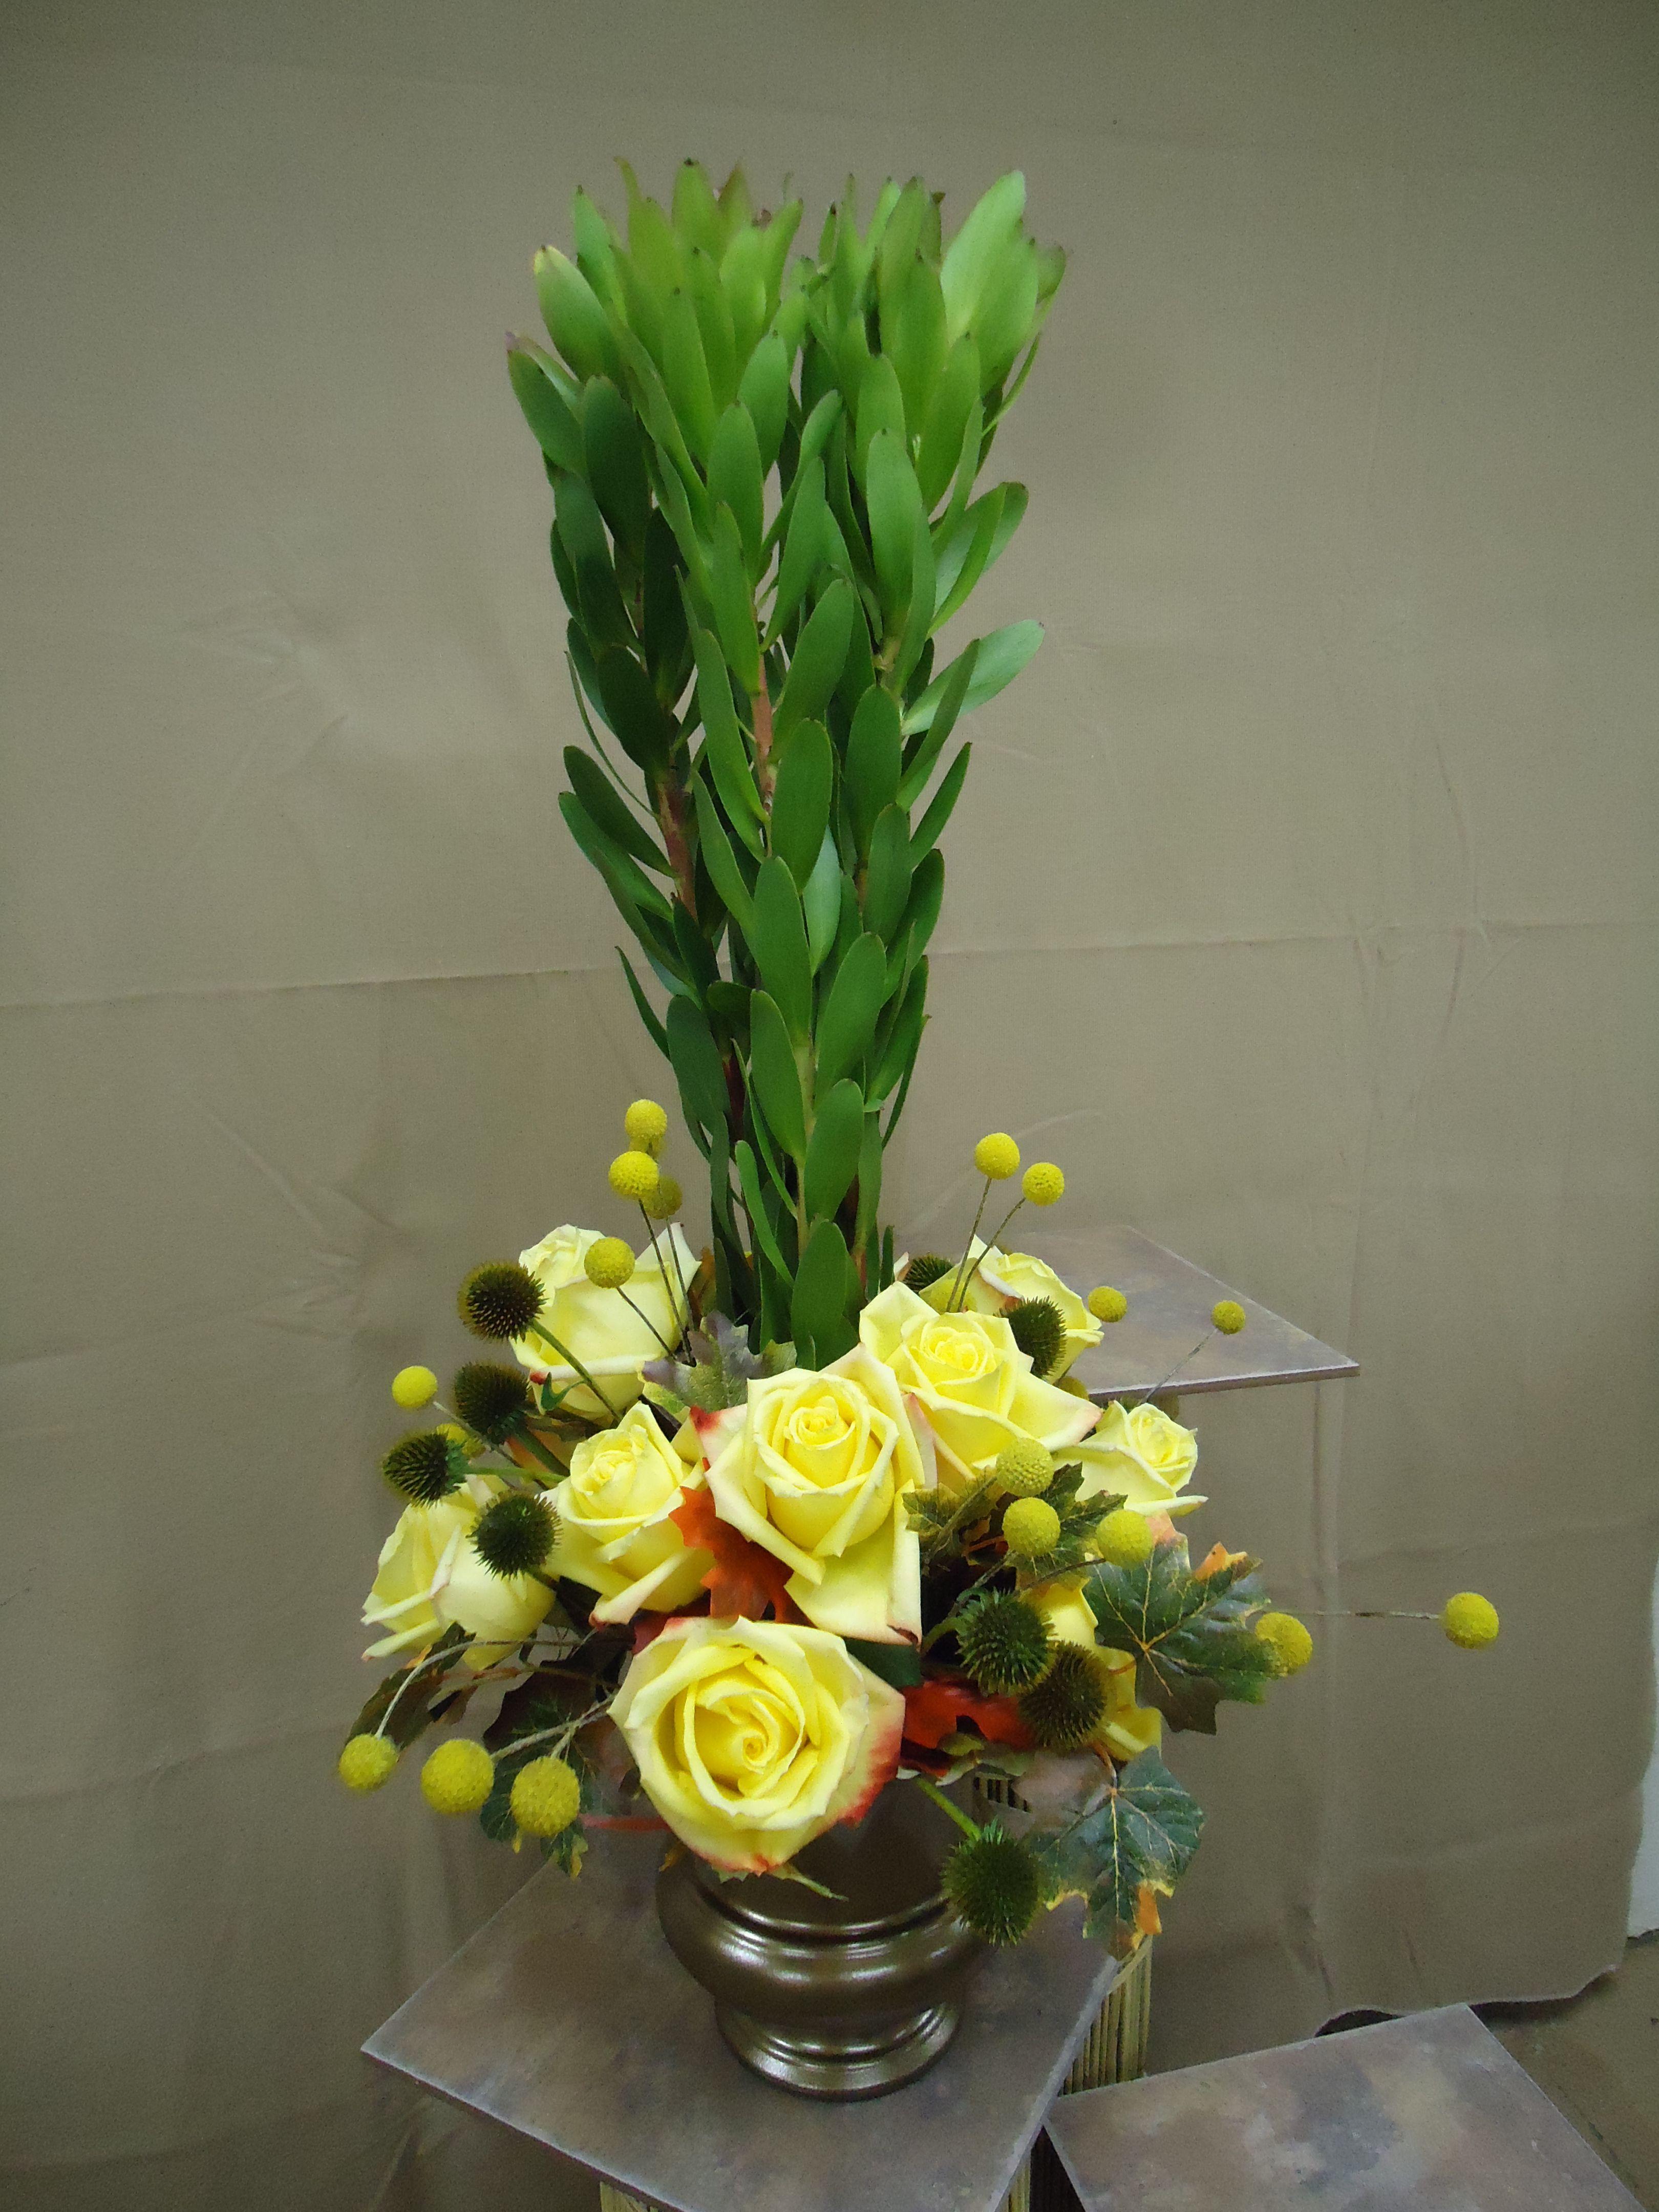 Contemporáneo Uñas Diseños Florales Adorno - Ideas Para Pintar Uñas ...